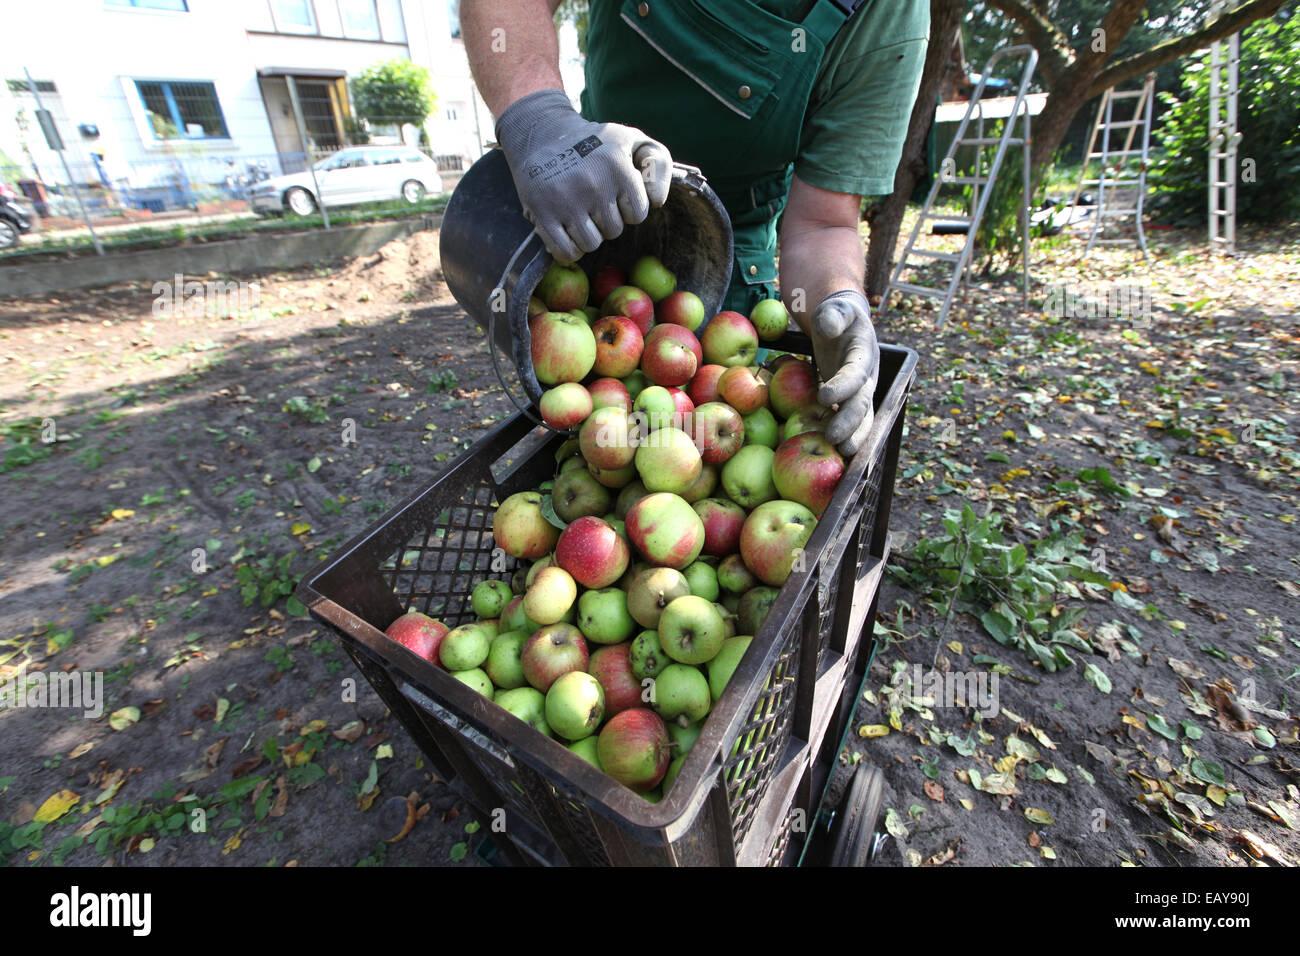 Close-up de un hombre recogiendo manzanas en un proyecto de horticultura urbana Imagen De Stock